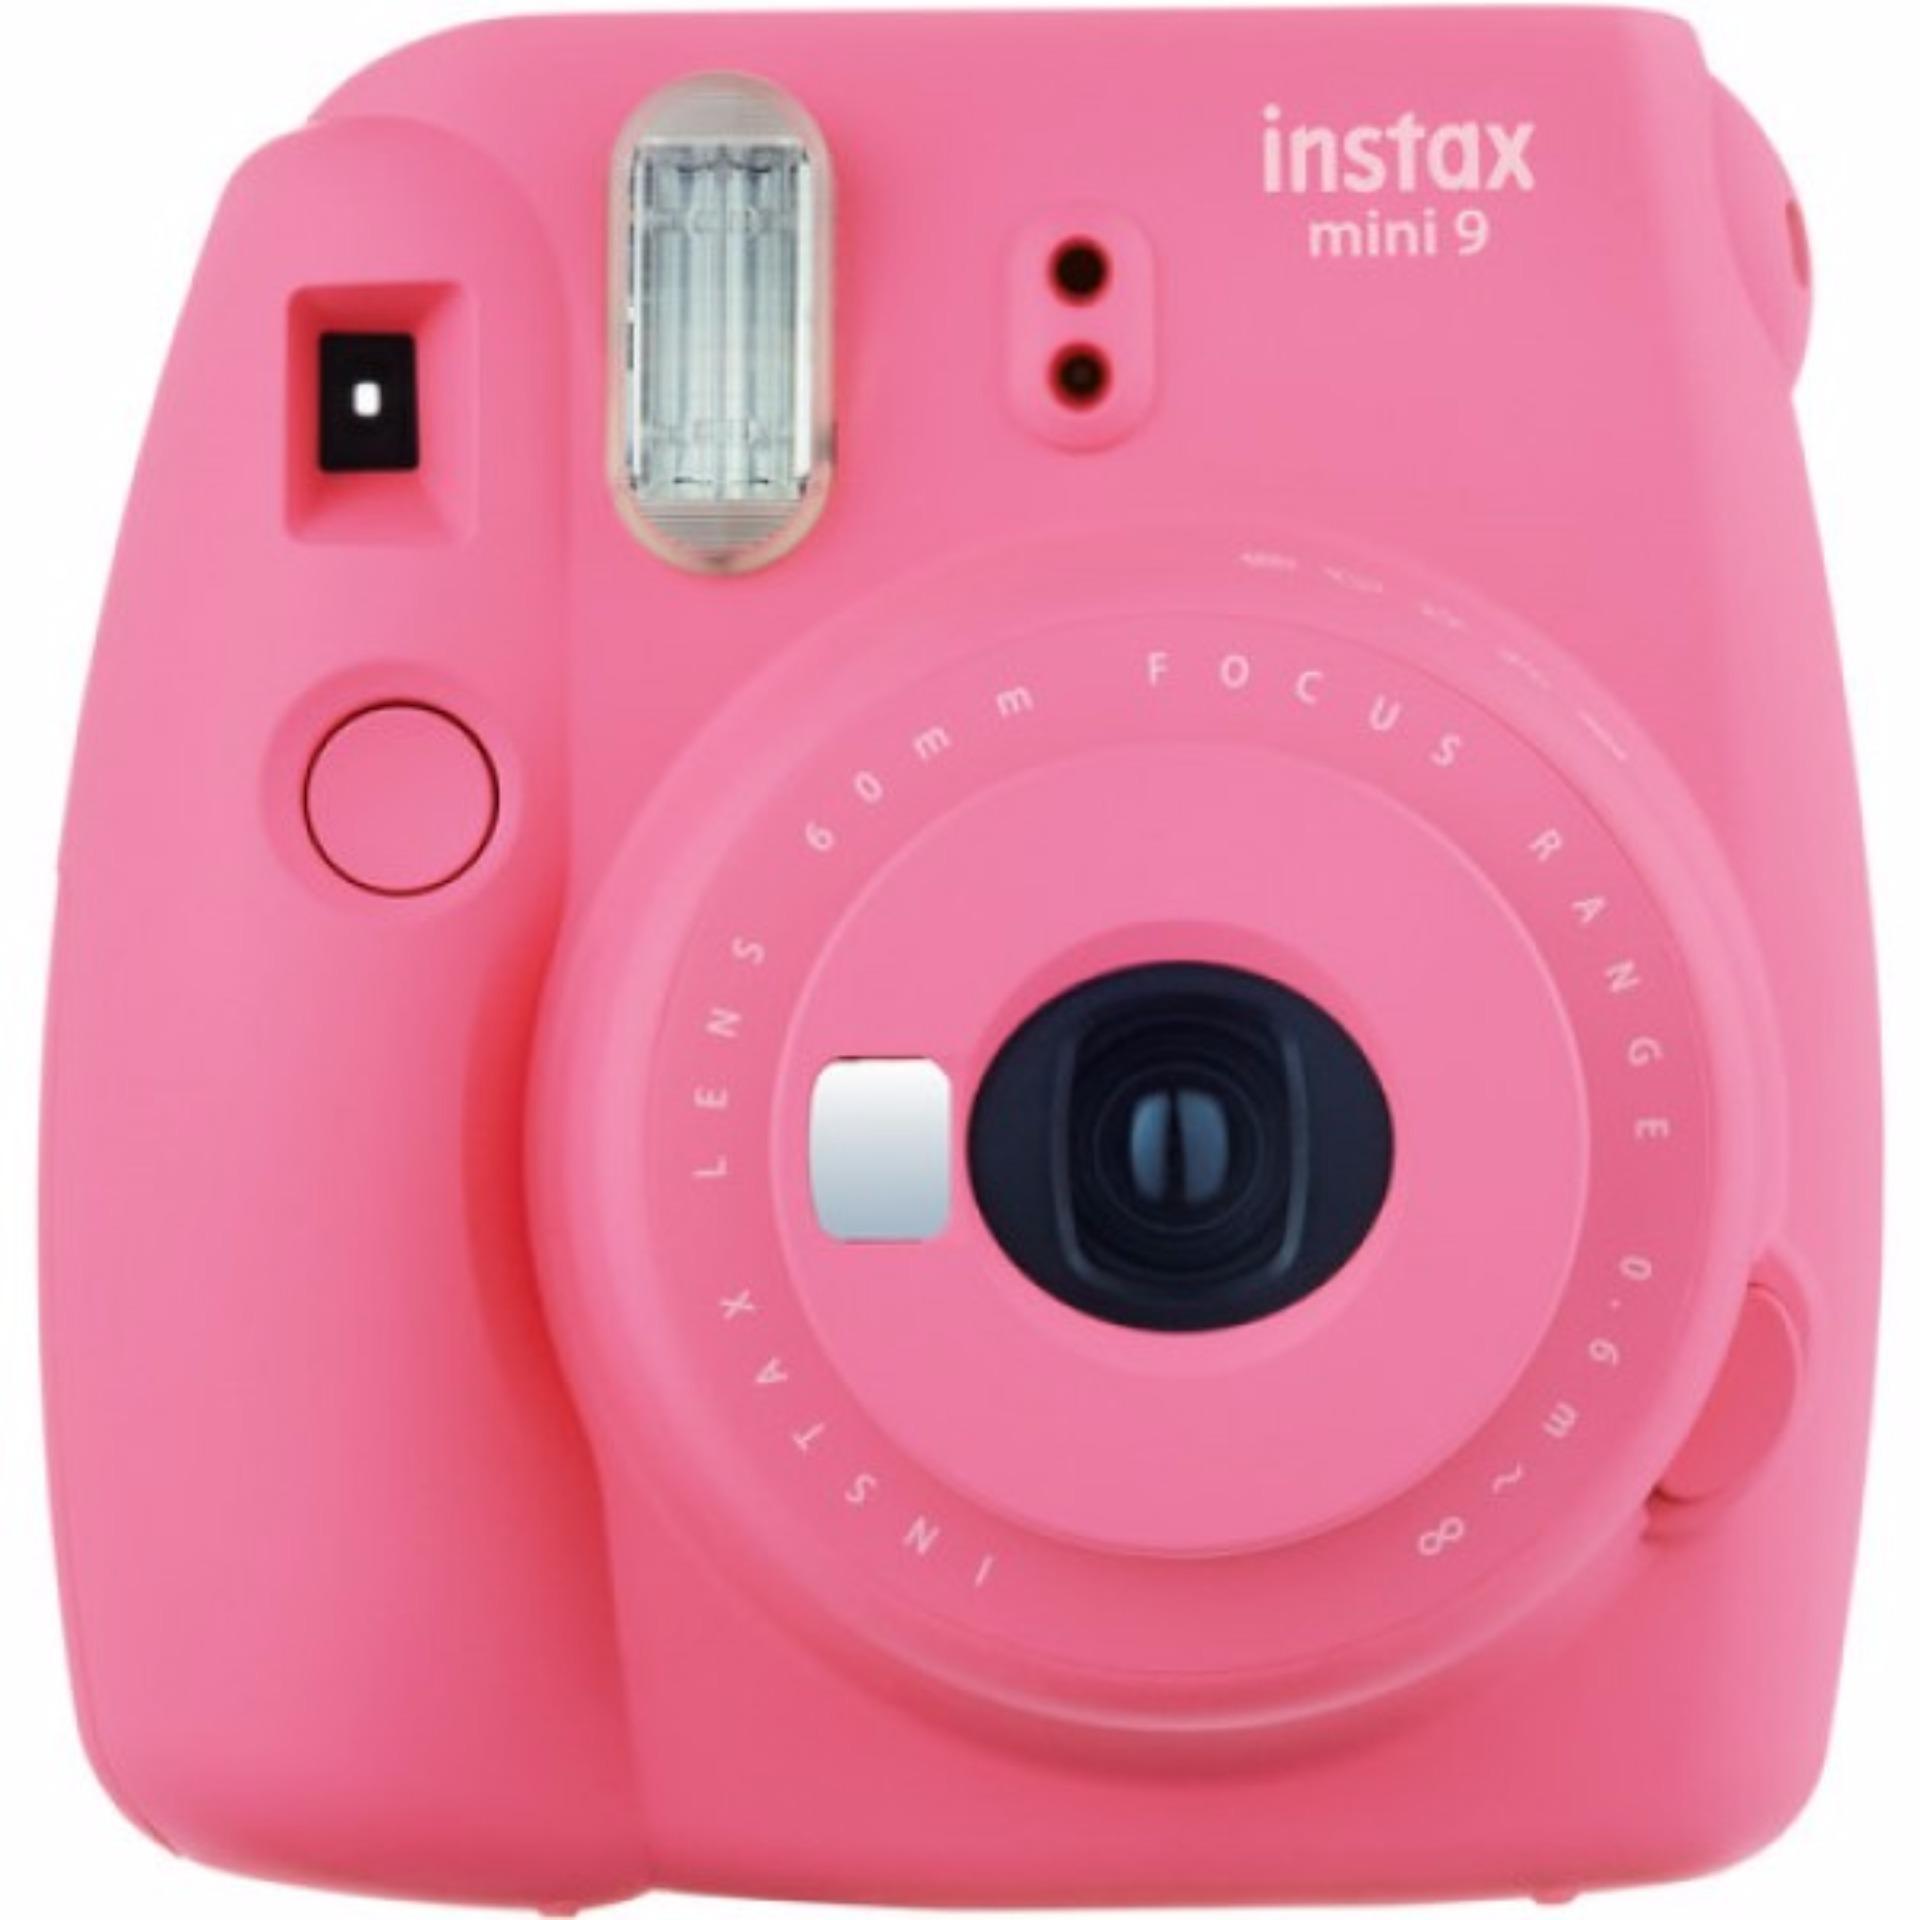 Bán Máy Chụp ảnh Lấy Liền Fujifilm Instax Mini 9 Màu Hồng